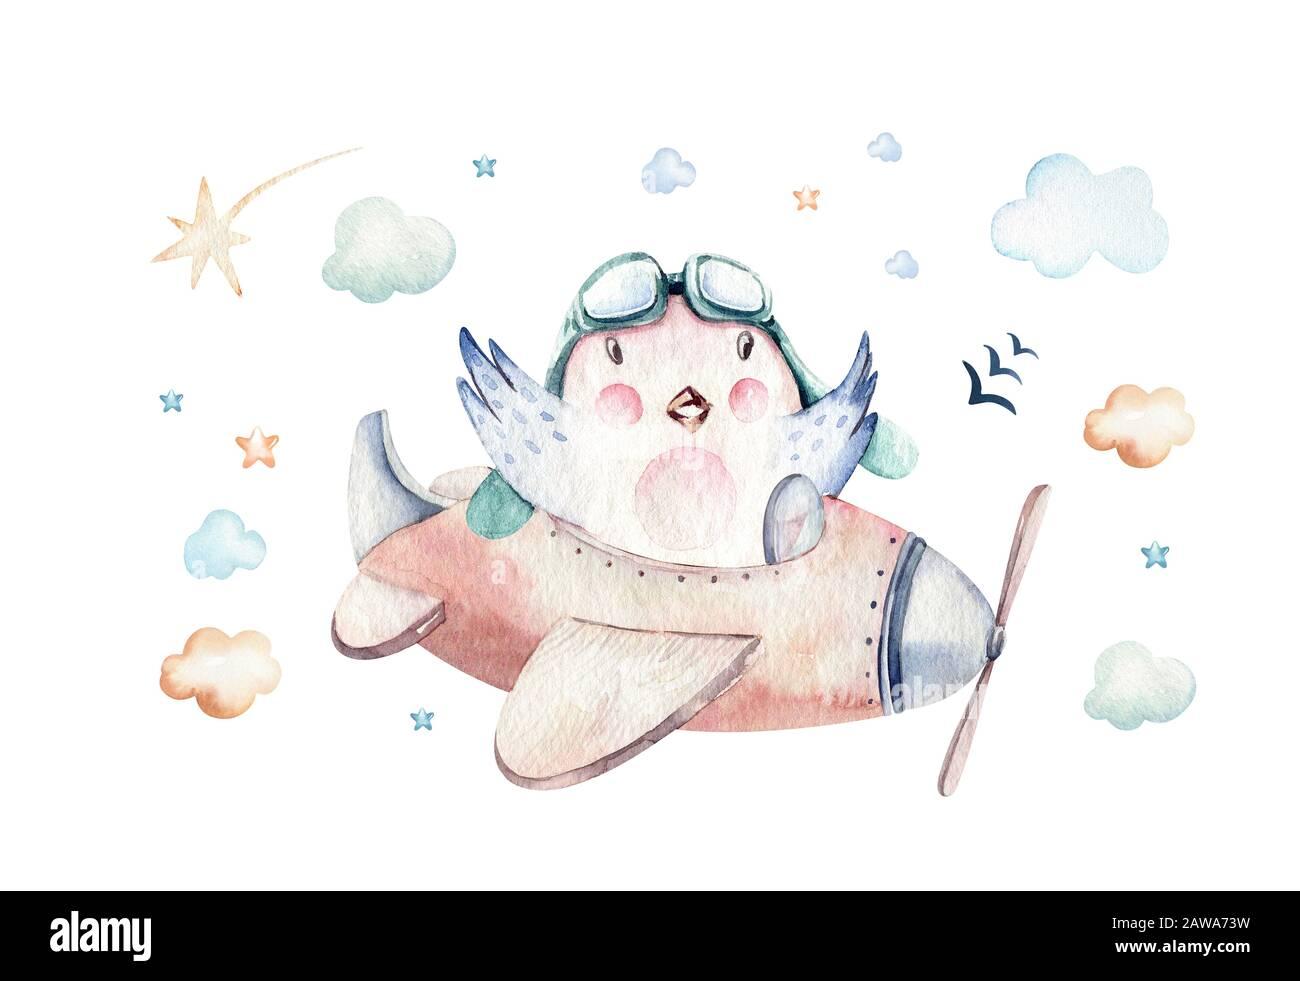 Aquarell Hintergrundfarbe festlegen Abbildung: eine niedliche und ausgefallenen Sky-Szene komplett mit Flugzeugen, Helikoptern und Ballonen, Wolken. Junge Muster. Es ist ein ba Stockfoto